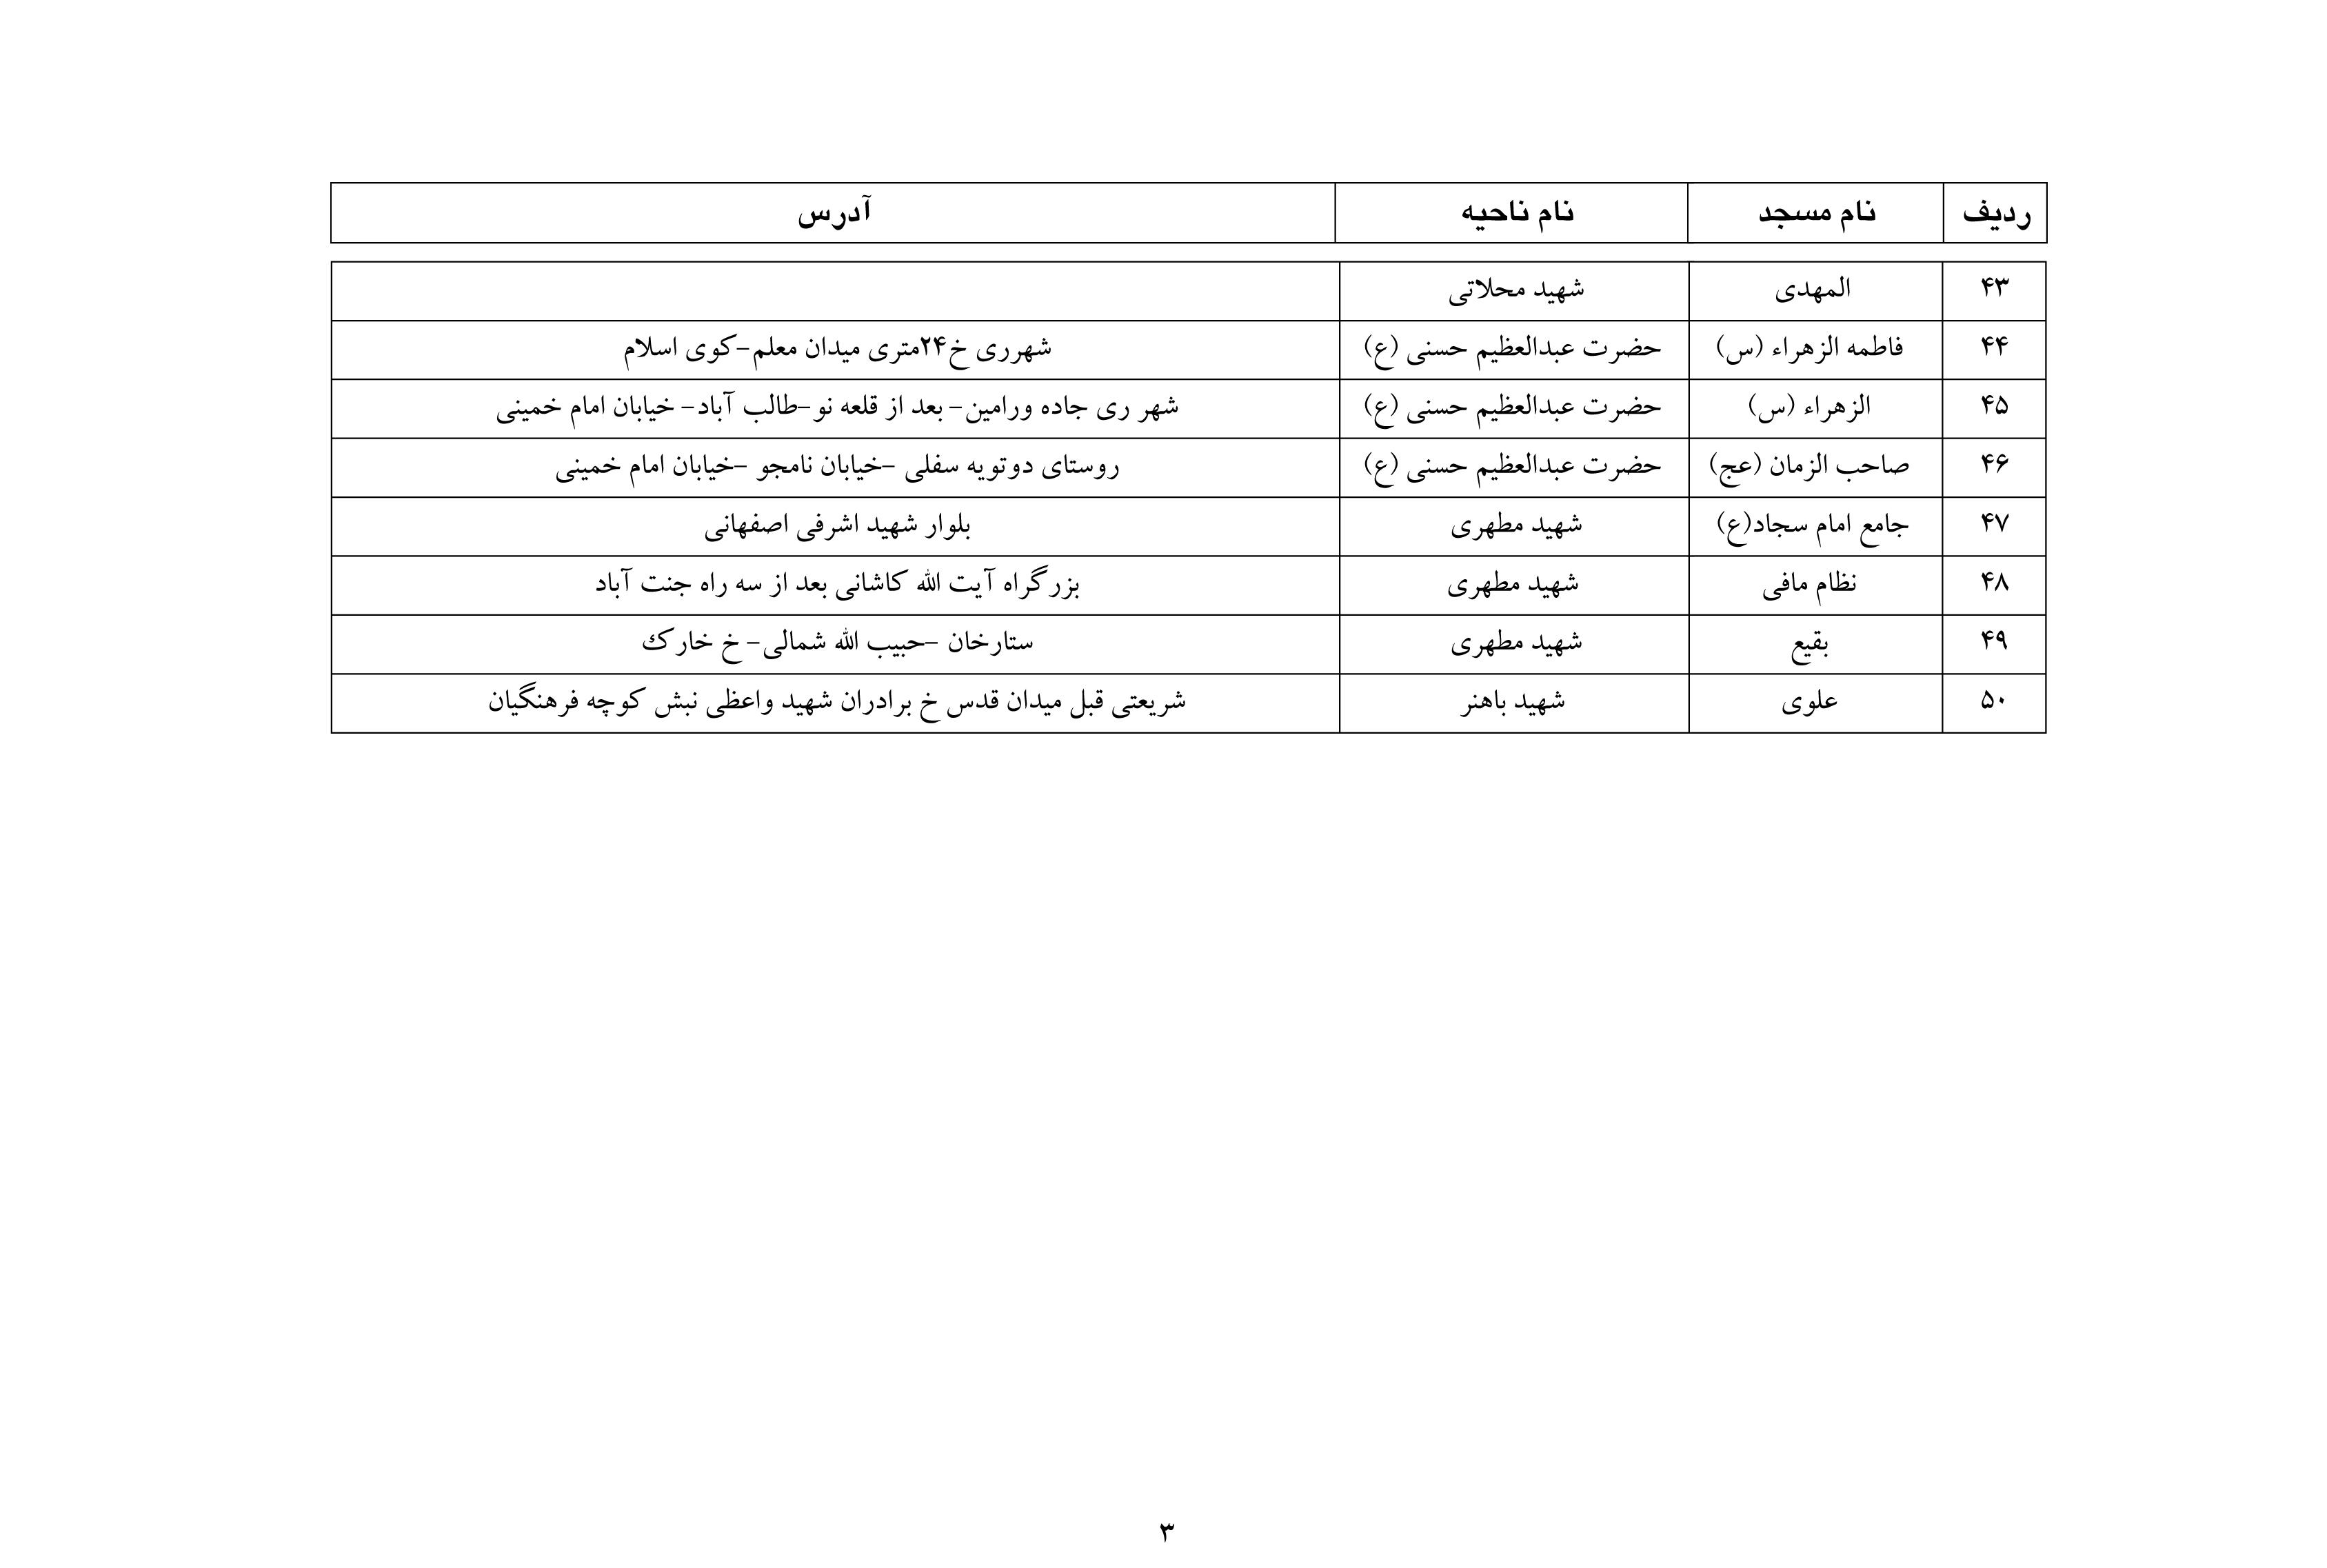 نماز عید فطر در کدام مساجد تهران اقامه میشود؟